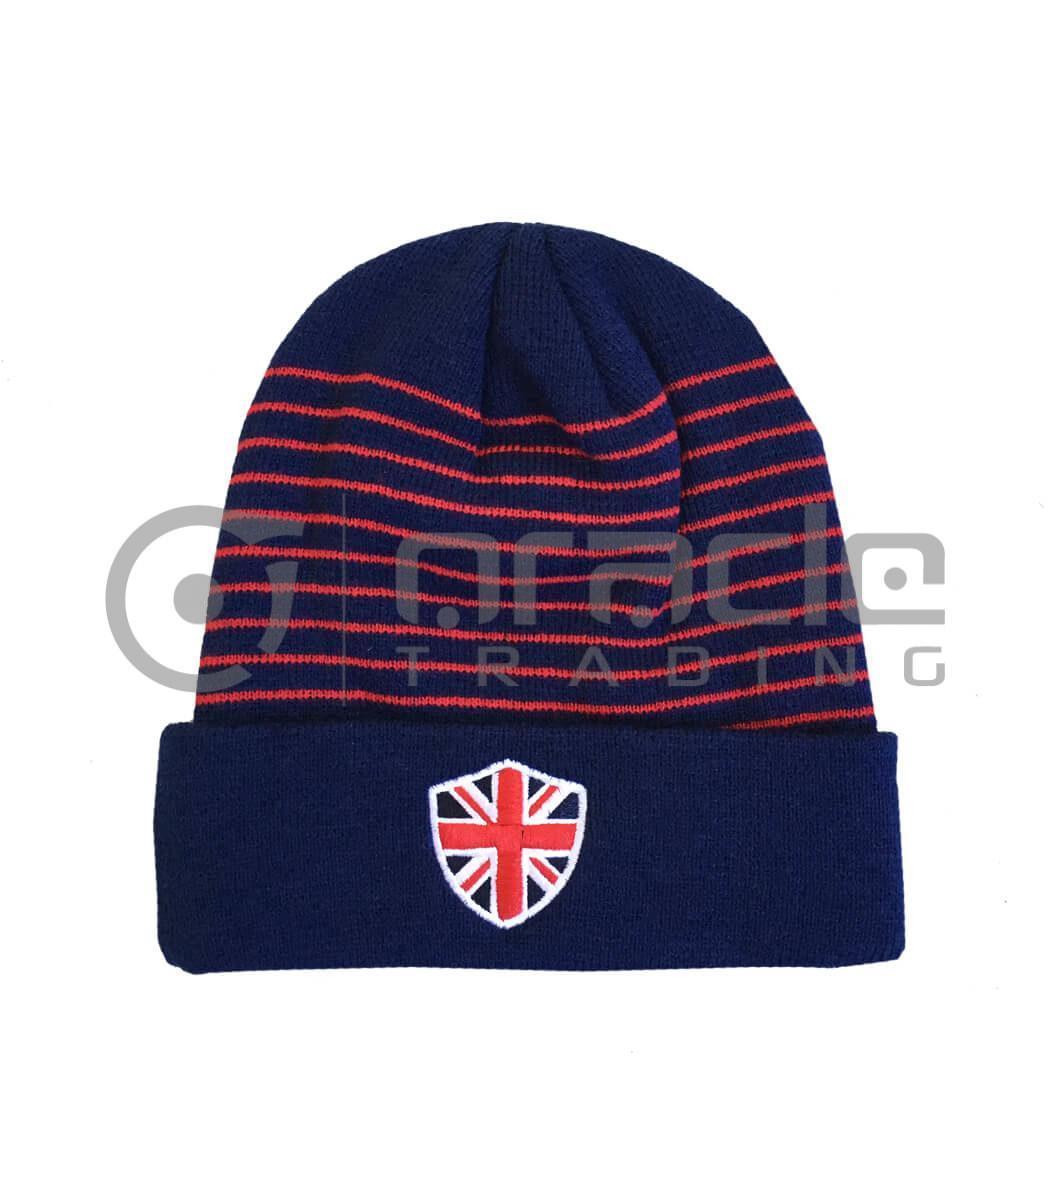 UK Fold-up Beanie